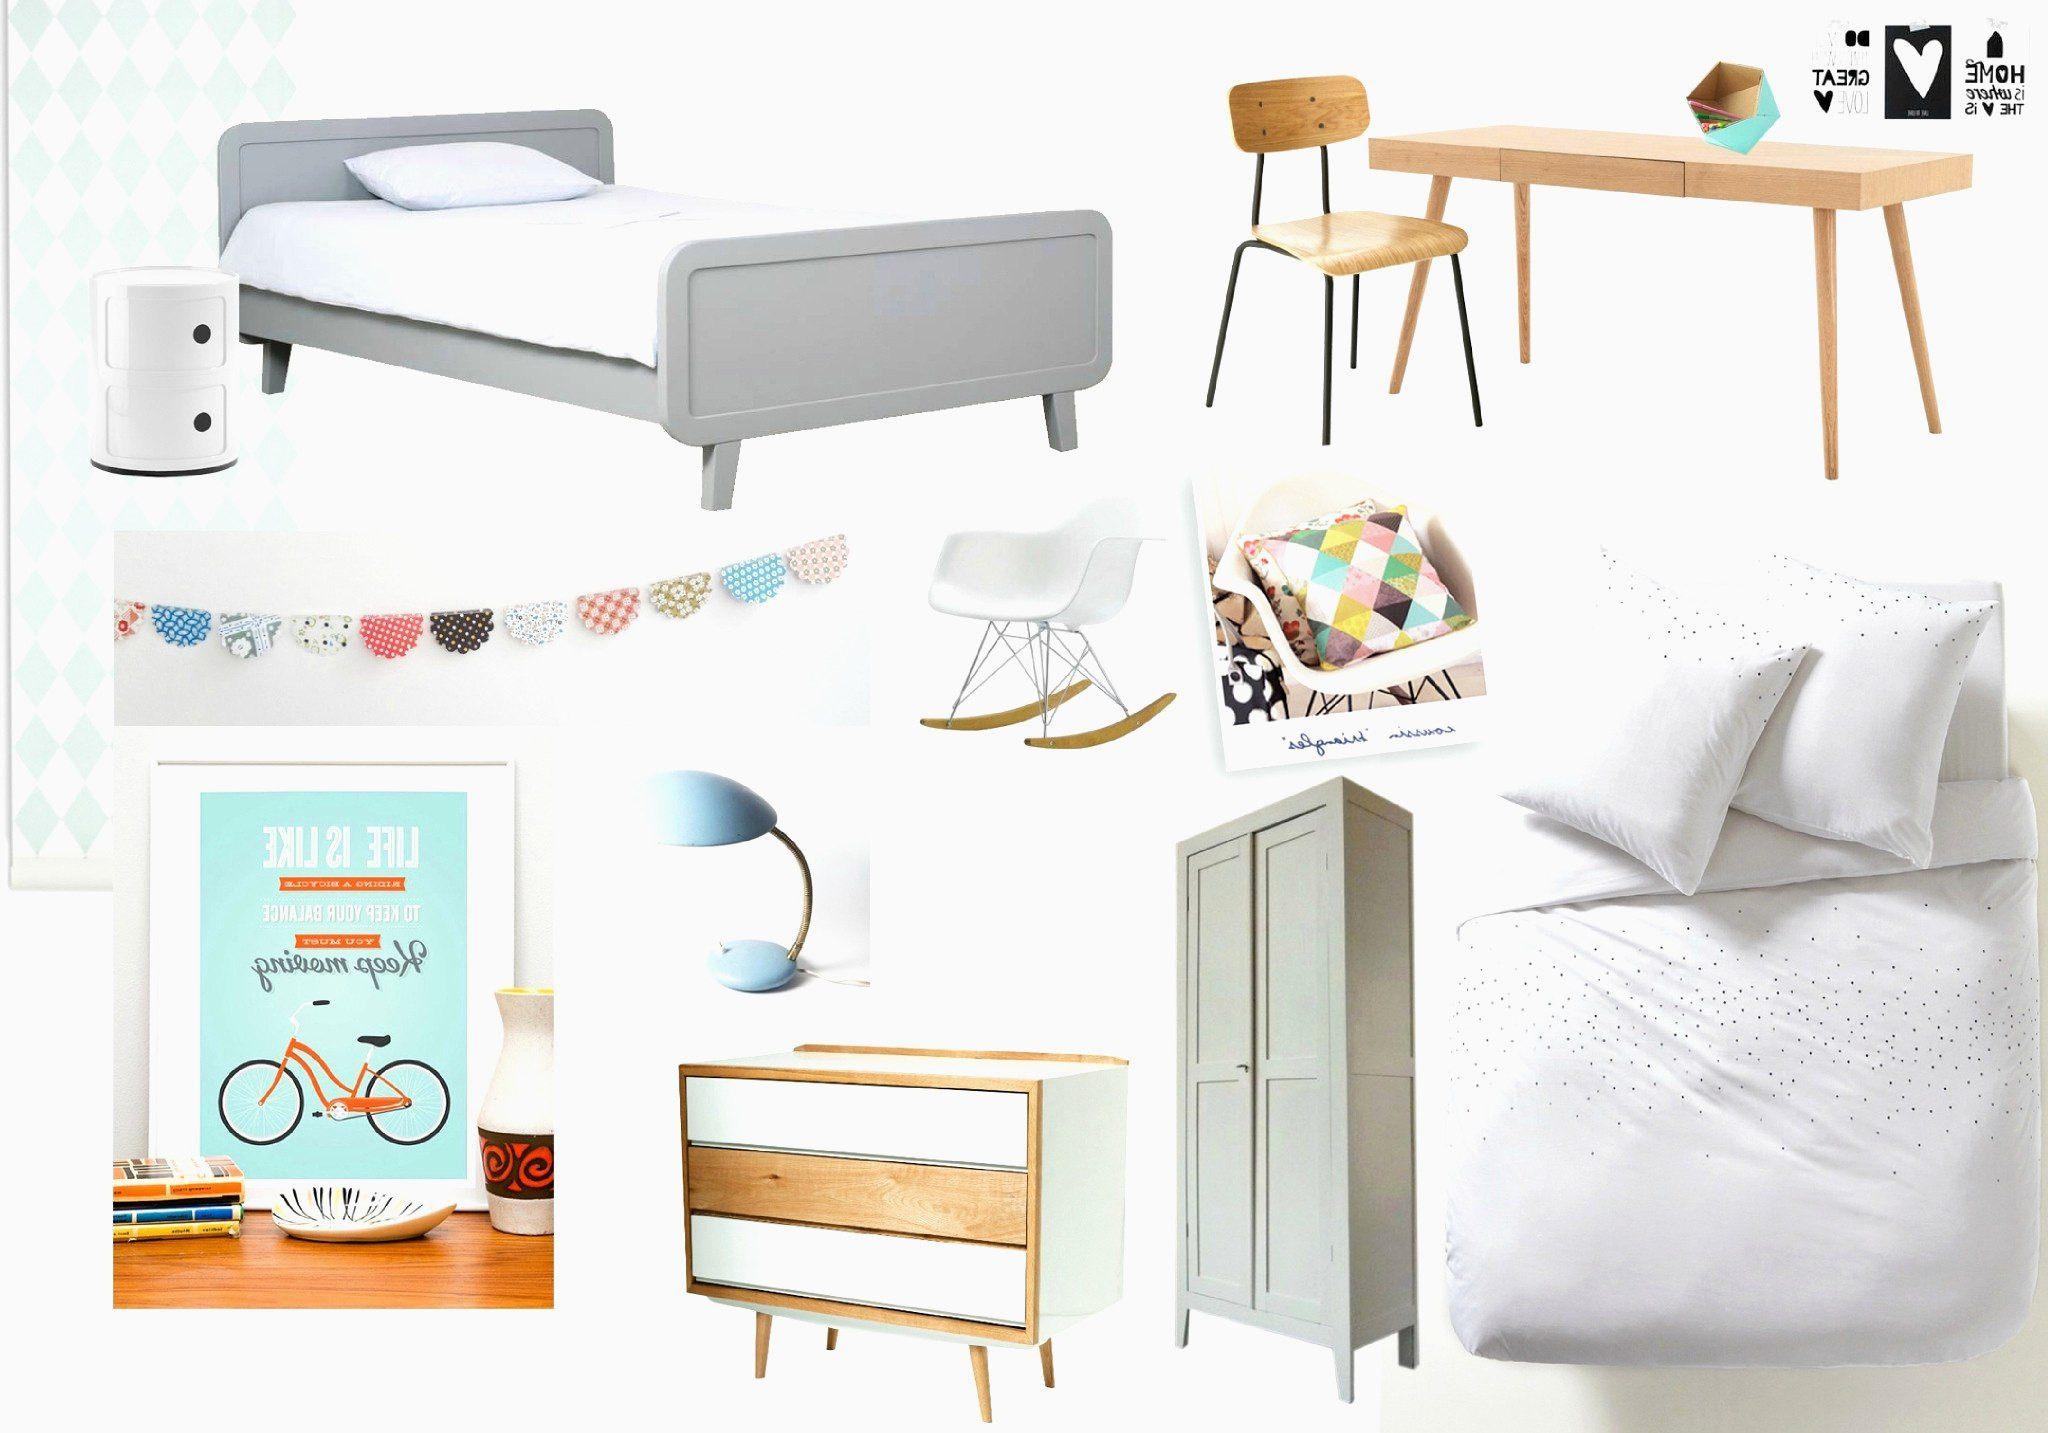 Armoire Lit Escamotable Pas Cher Lits Escamotables Ikea Unique